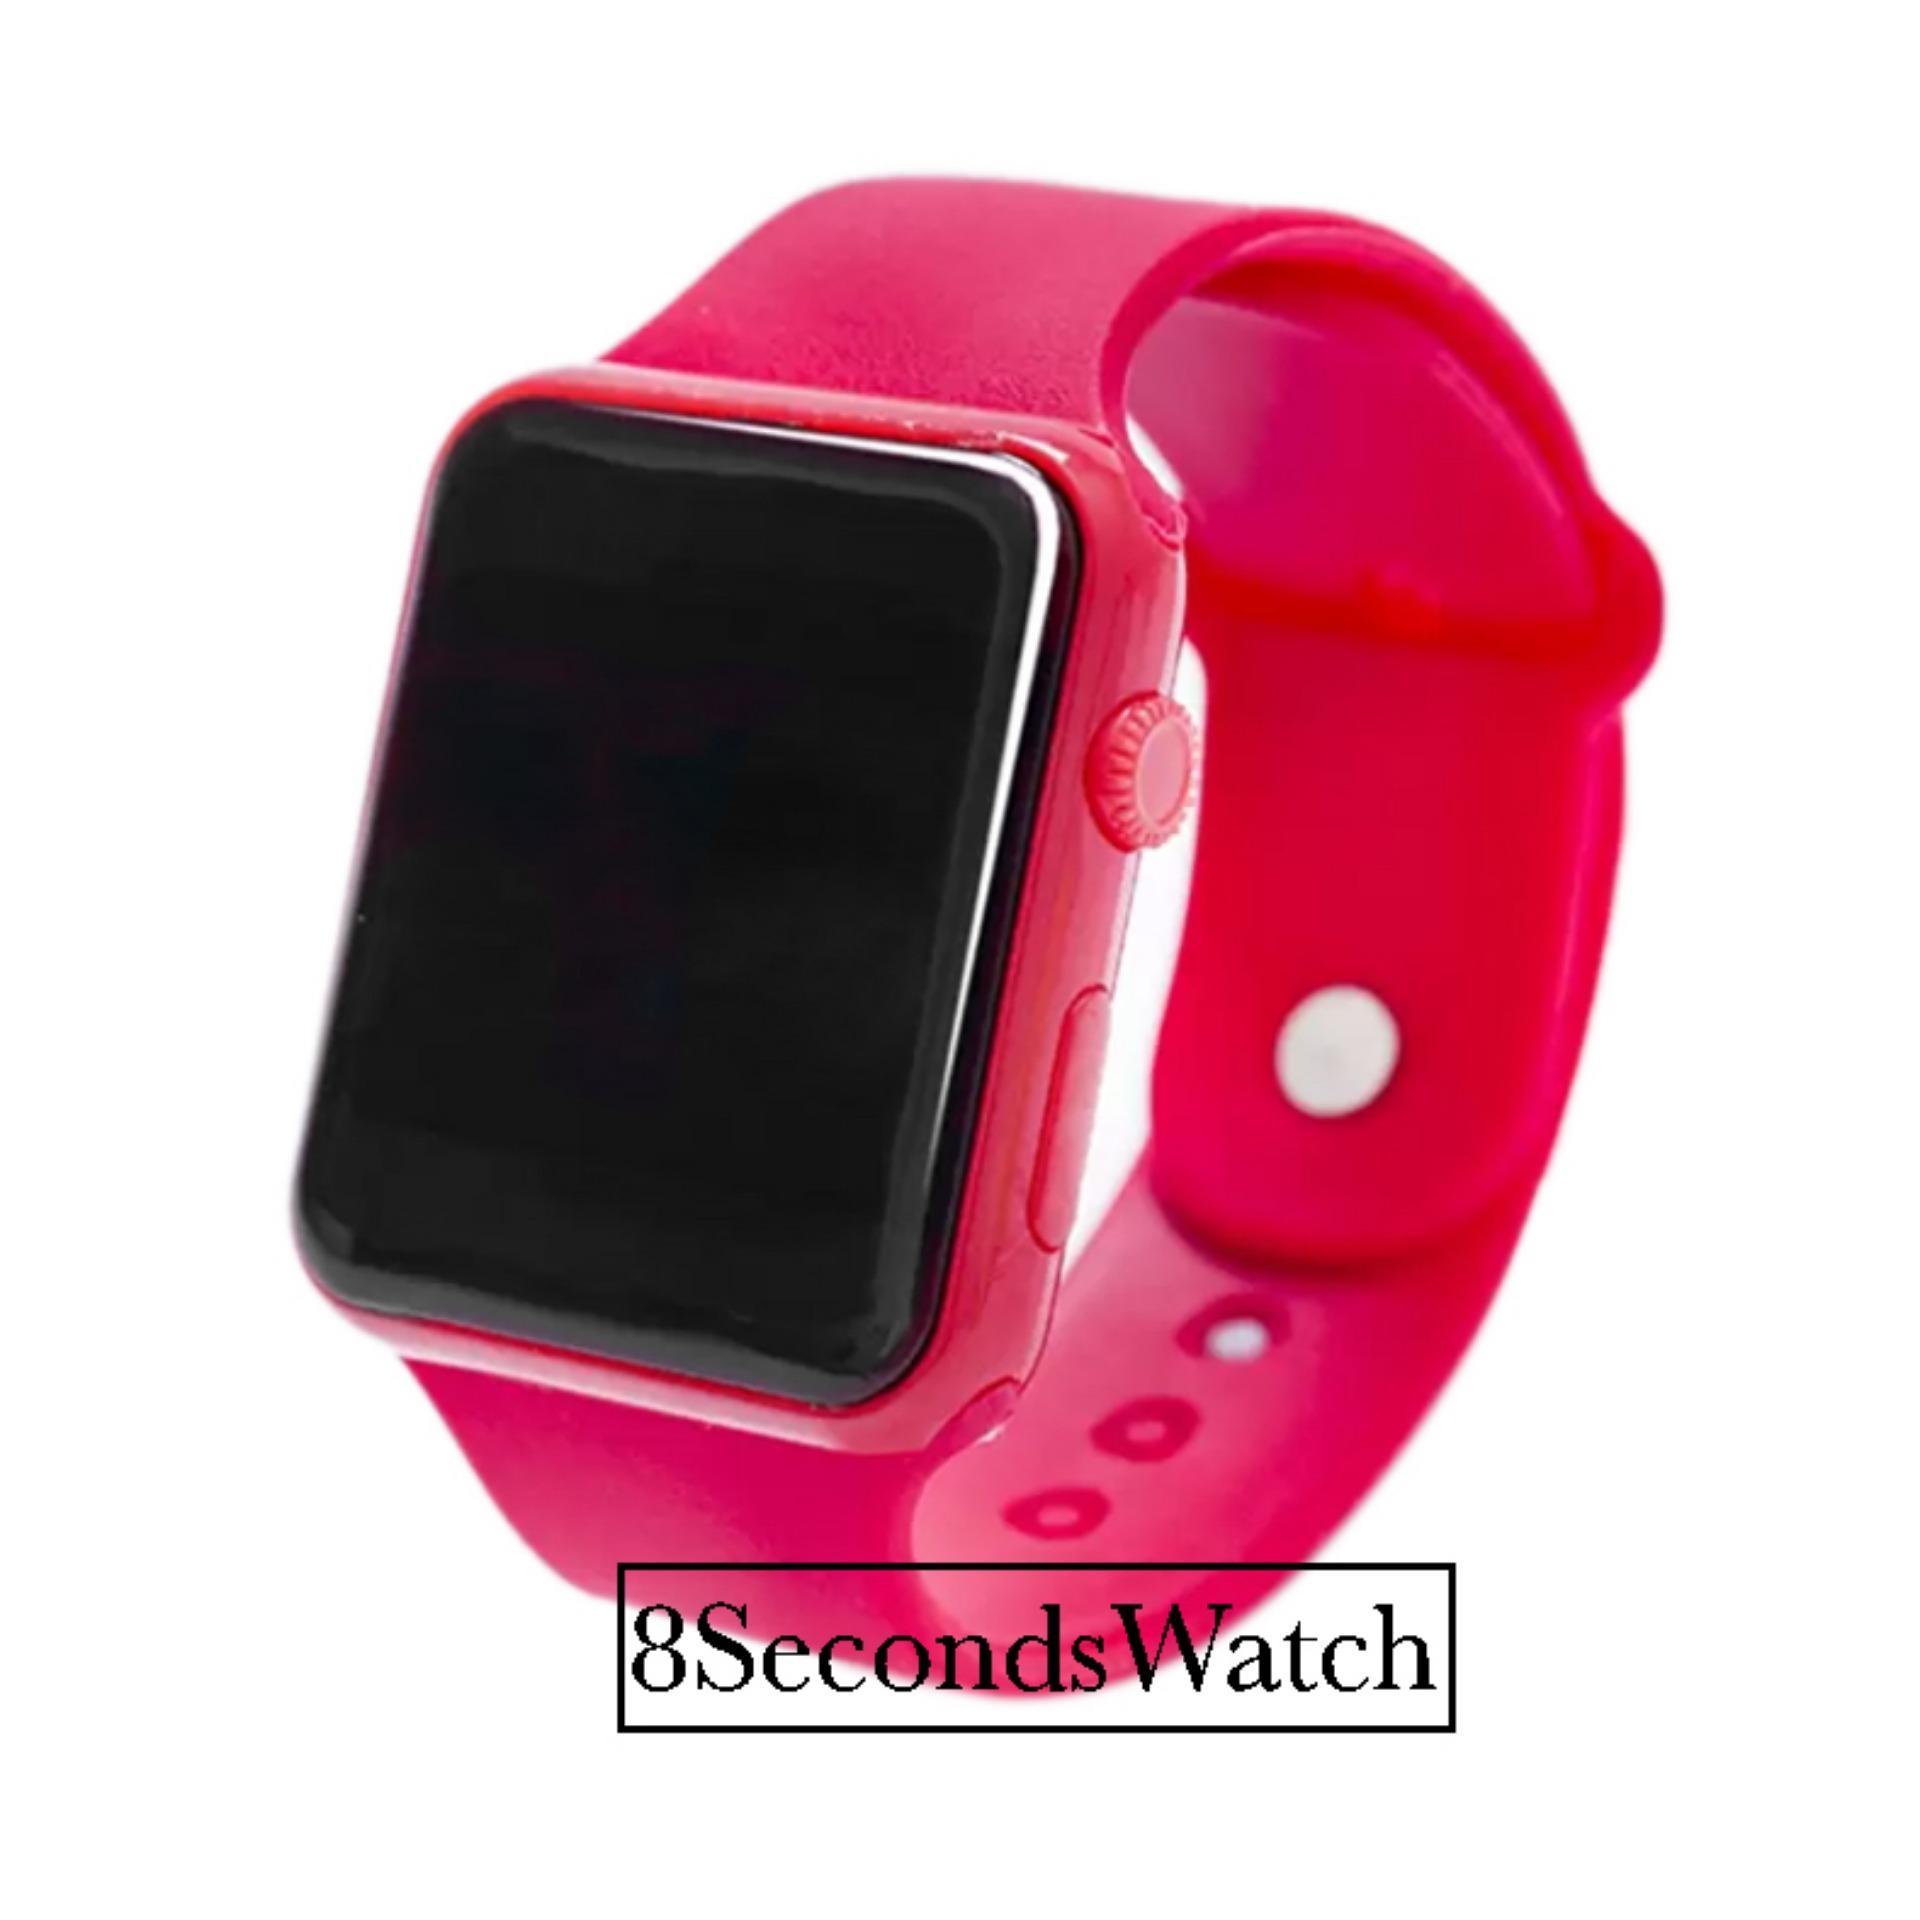 Jam Tangan LED Jam Tangan Pria dan Wanita Strap Karet Merah Apple Red .